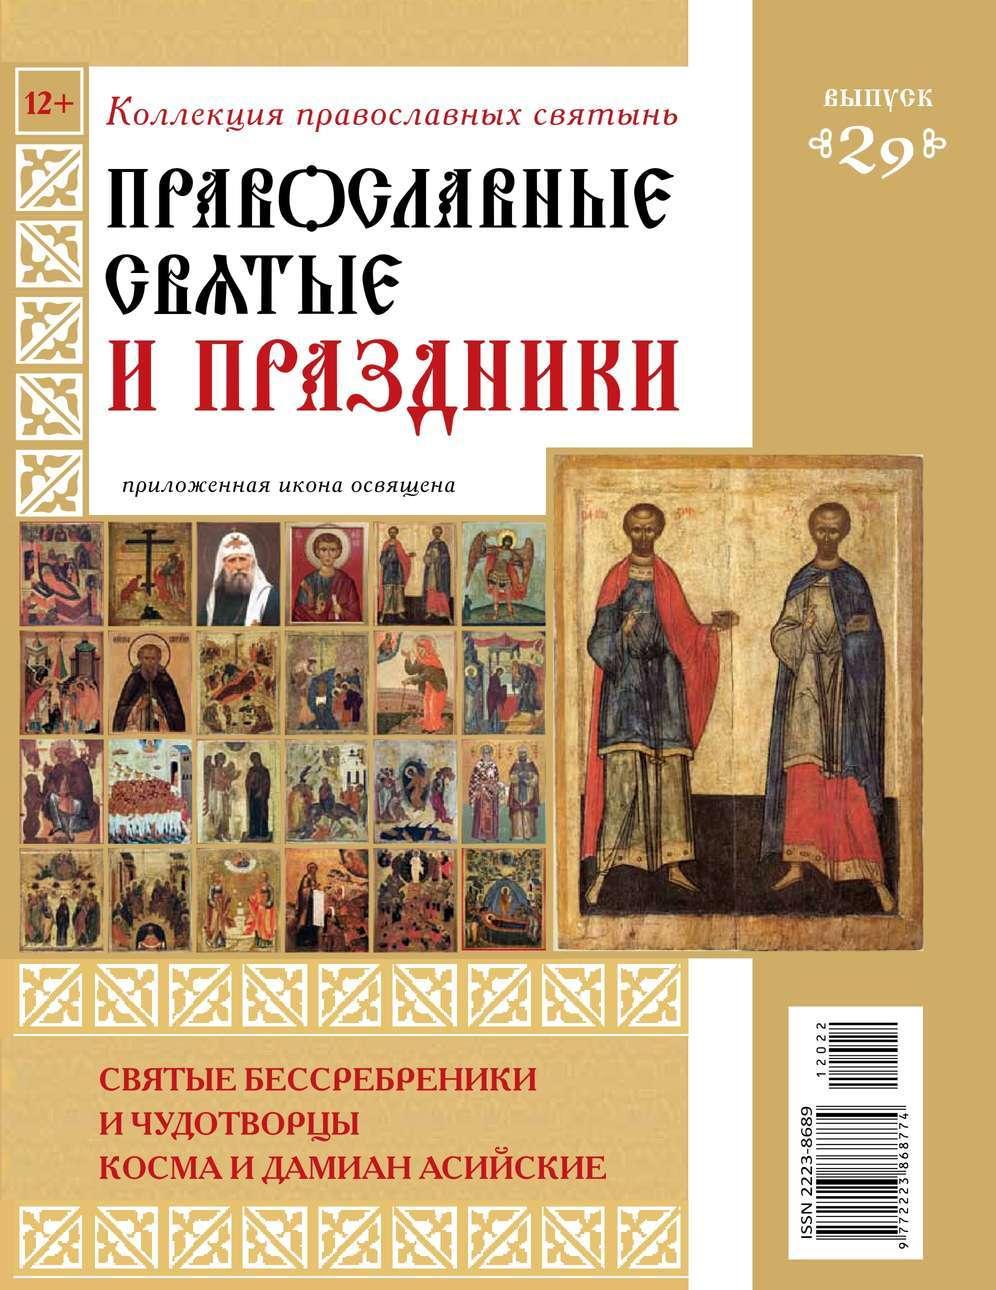 Коллекция Православных Святынь 29